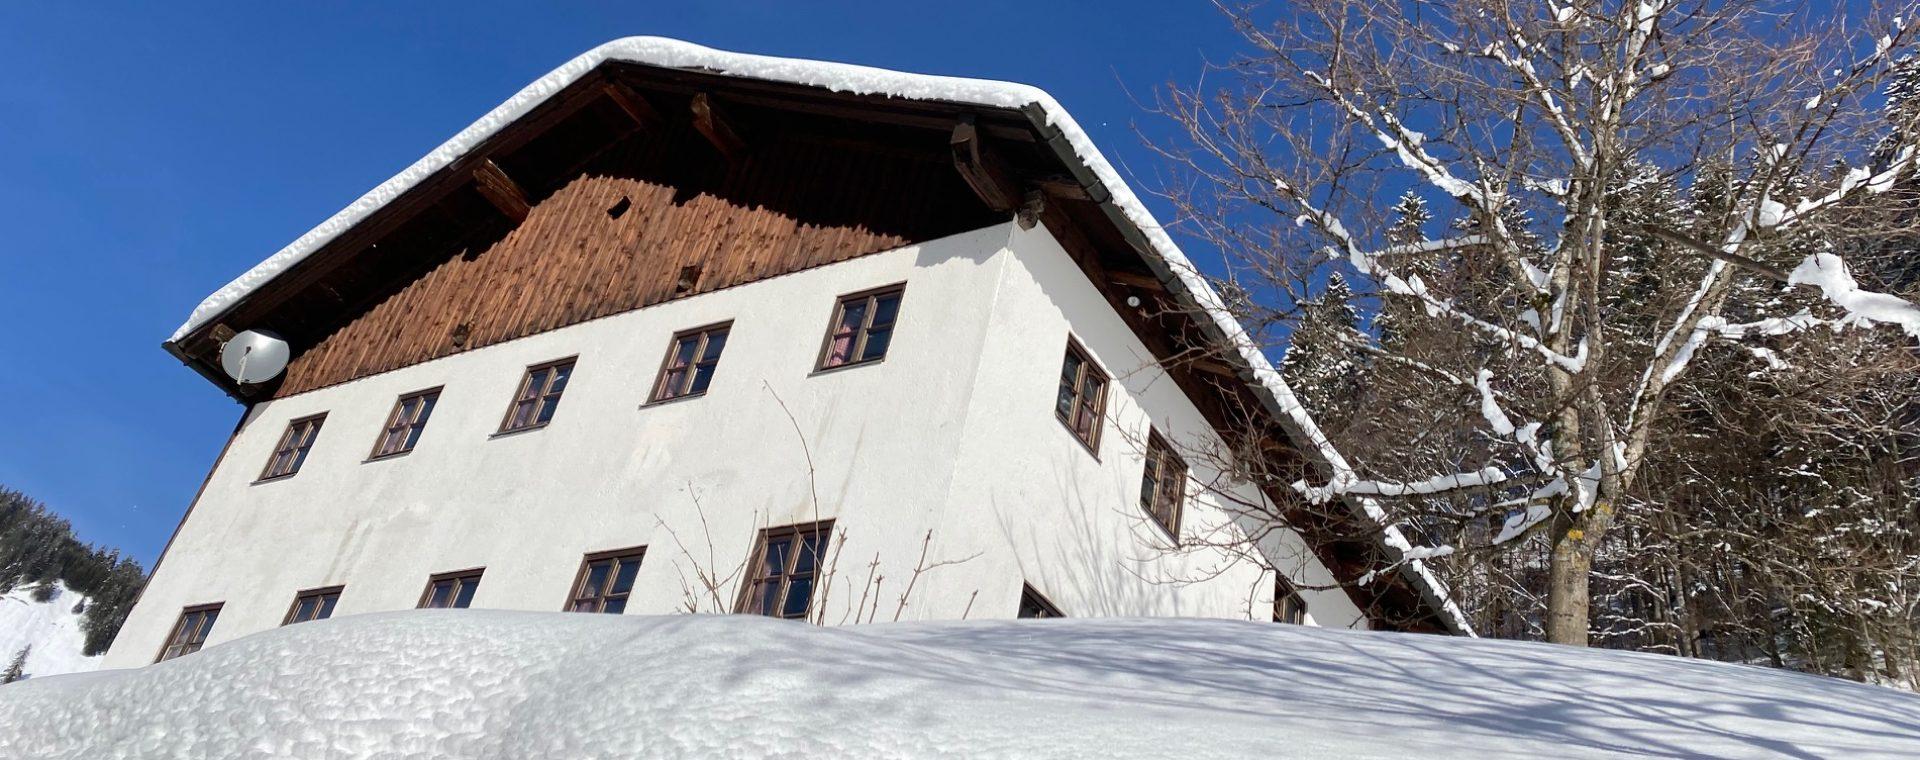 Ferienhaus K7 Selbstversorgerhaus Berghütte Tirol